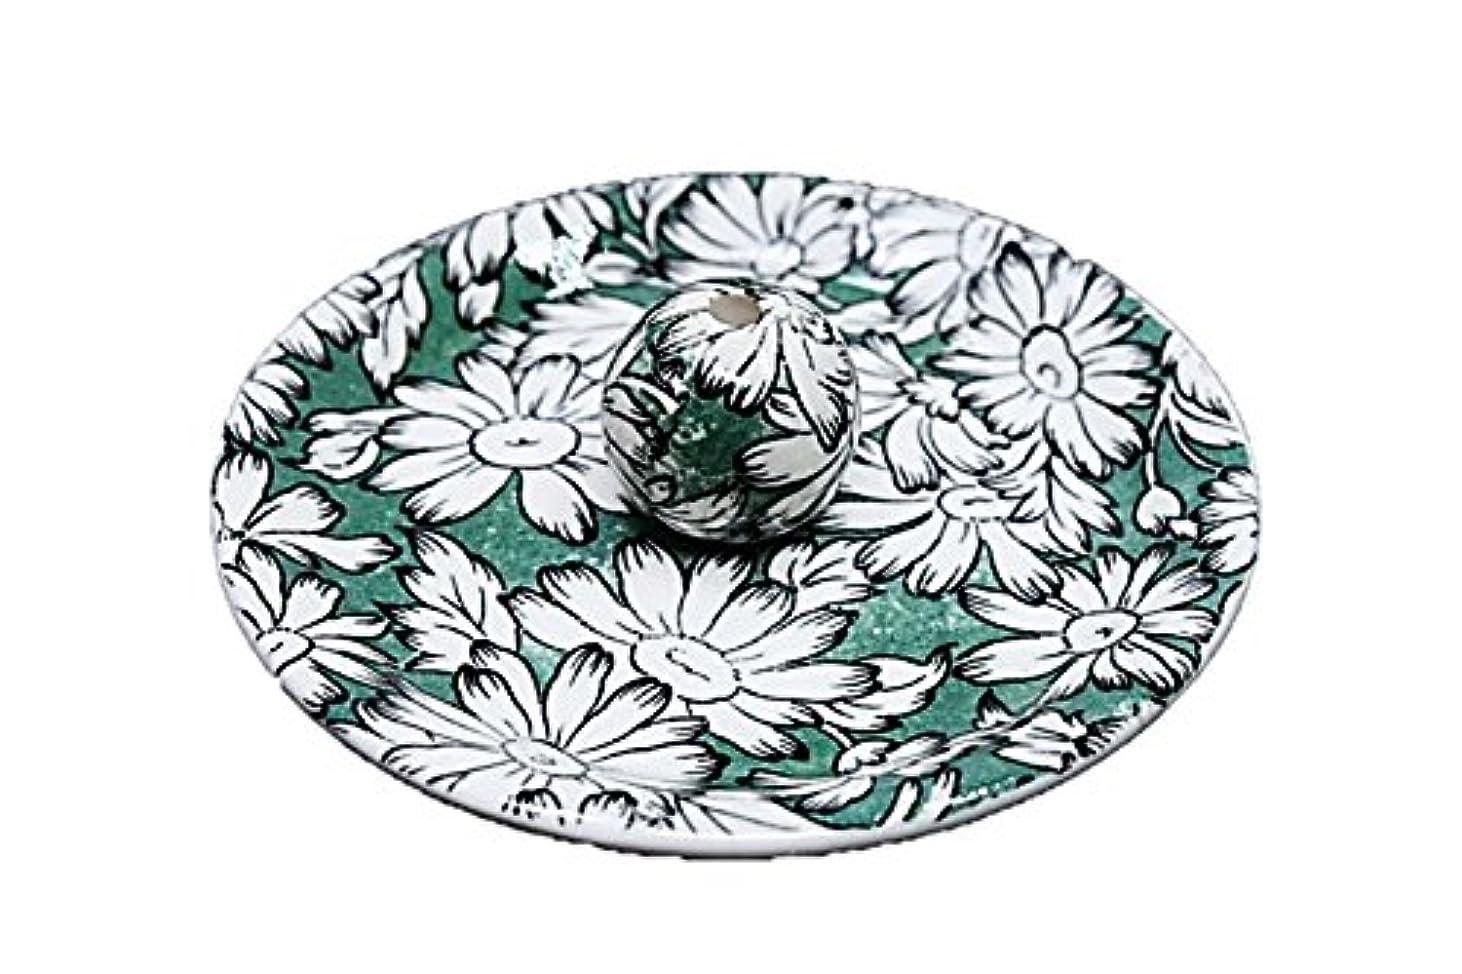 怒る潜むウナギ9-10 マーガレットグリーン 9cm香皿 お香立て お香たて 陶器 日本製 製造?直売品